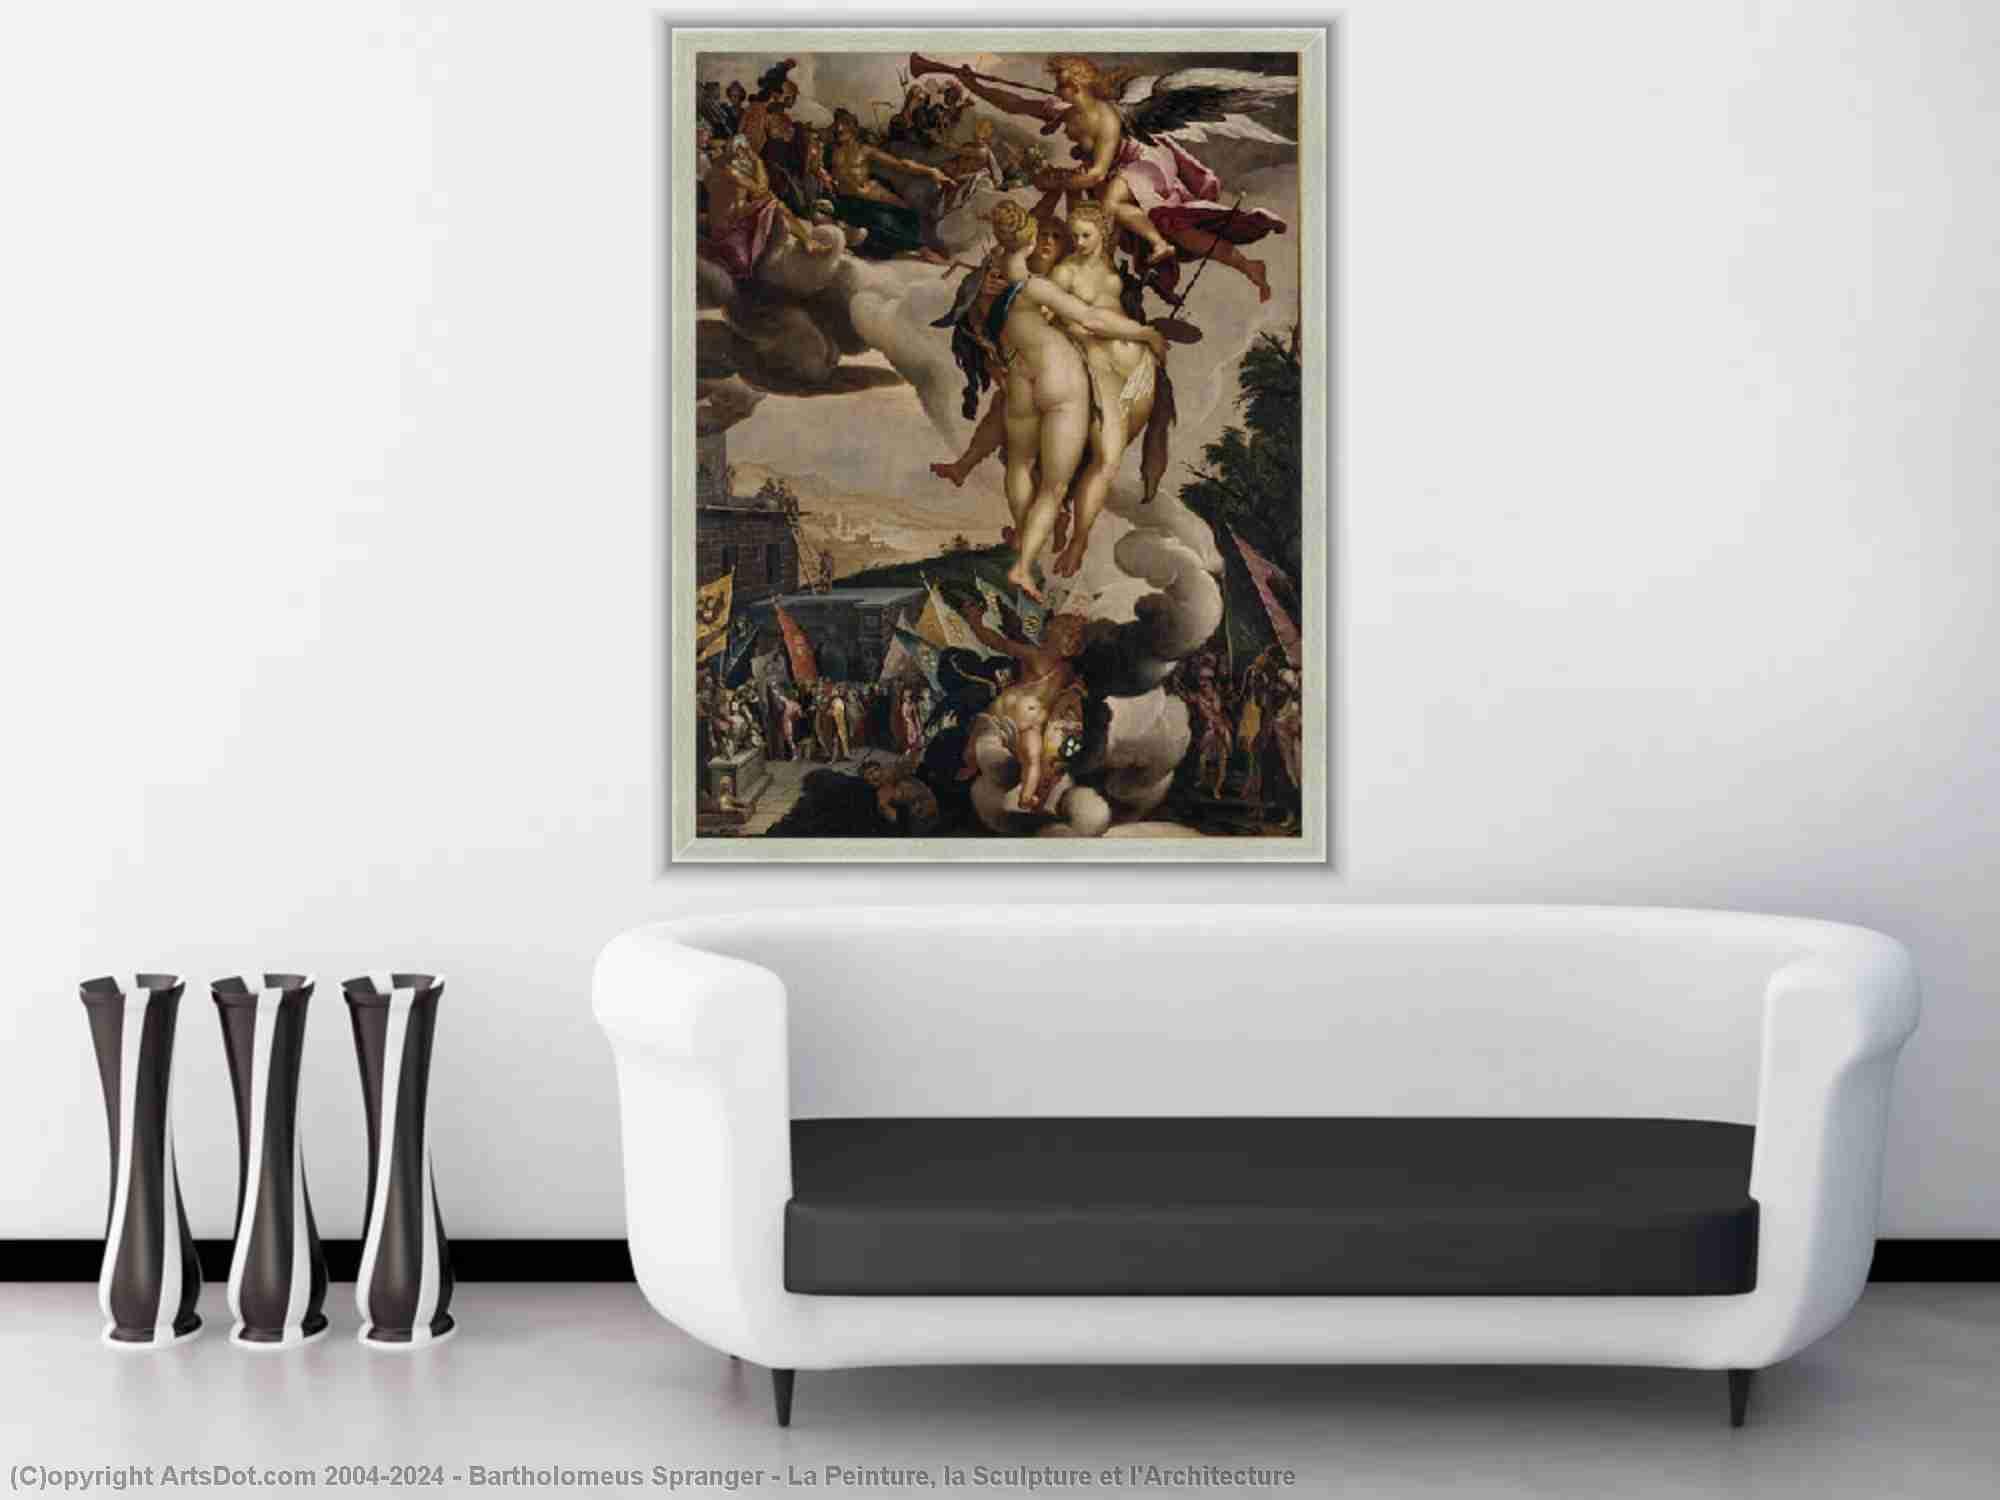 Bartholomeus Spranger - la peinture , la skulptur et l-Architecture